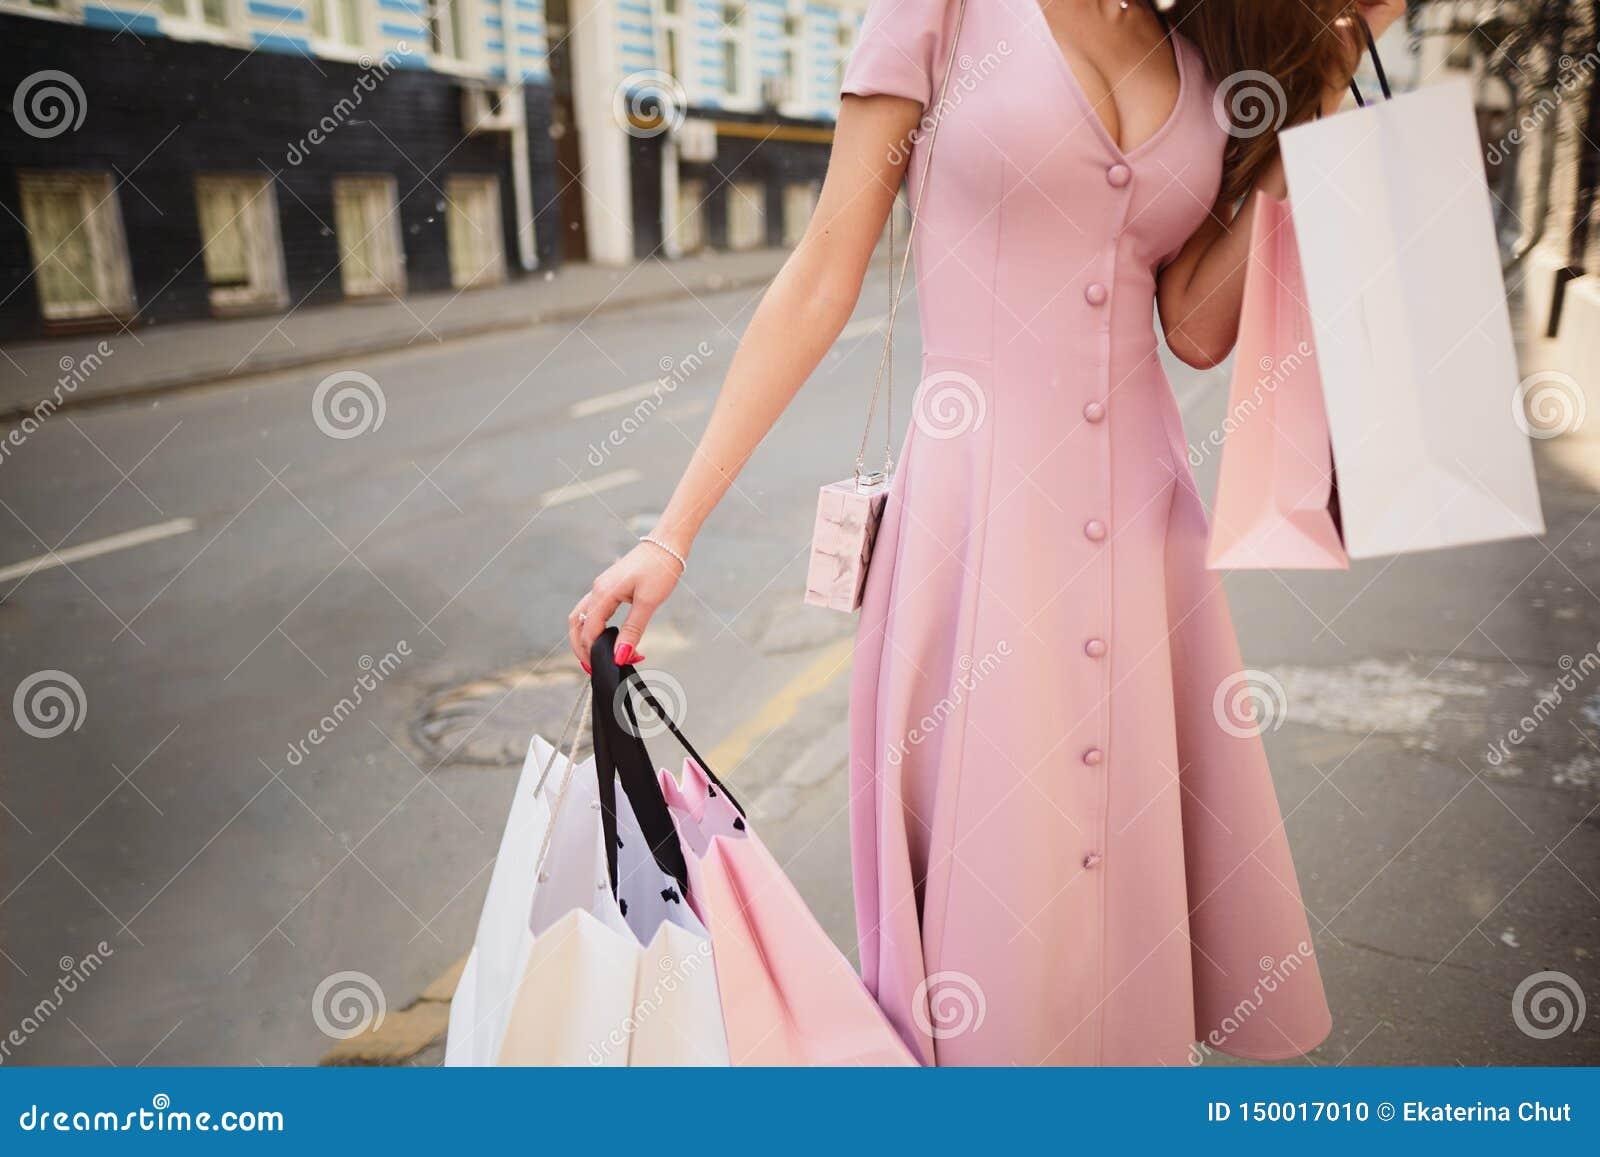 Kleidete modern Frau auf den Straßen einer Kleinstadt, Einkaufskonzept